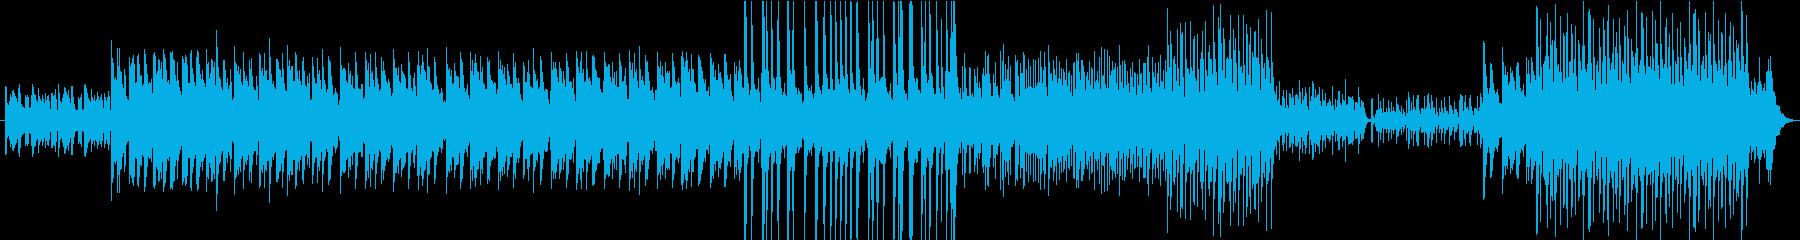 和楽器を使用した疾走感ある曲の再生済みの波形